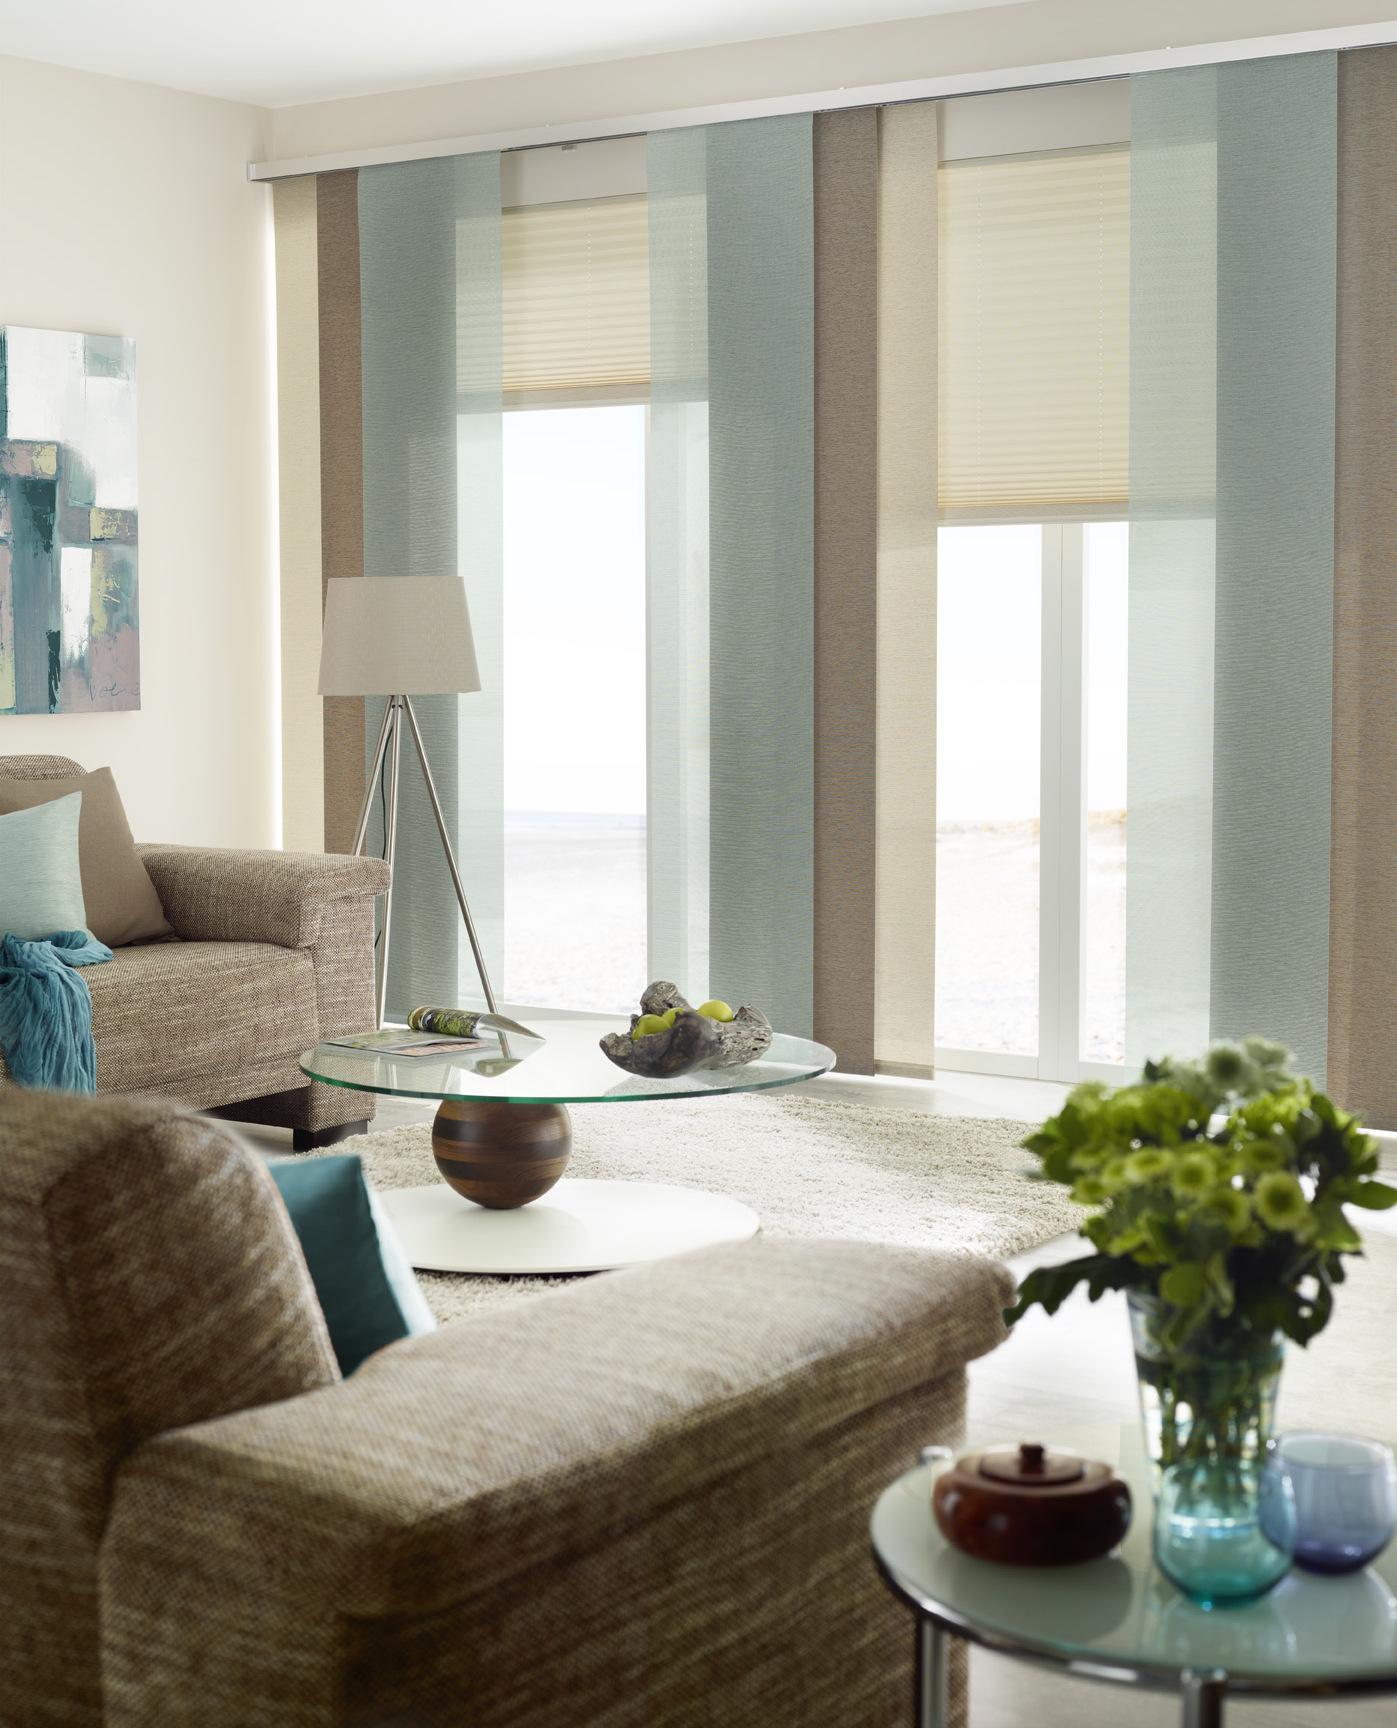 Gemütliches Wohnzimmer In Erdtönen Kombiniert Mit Eisblau #wohnzimmer  #gardine #dekostoff ©UNLAND International